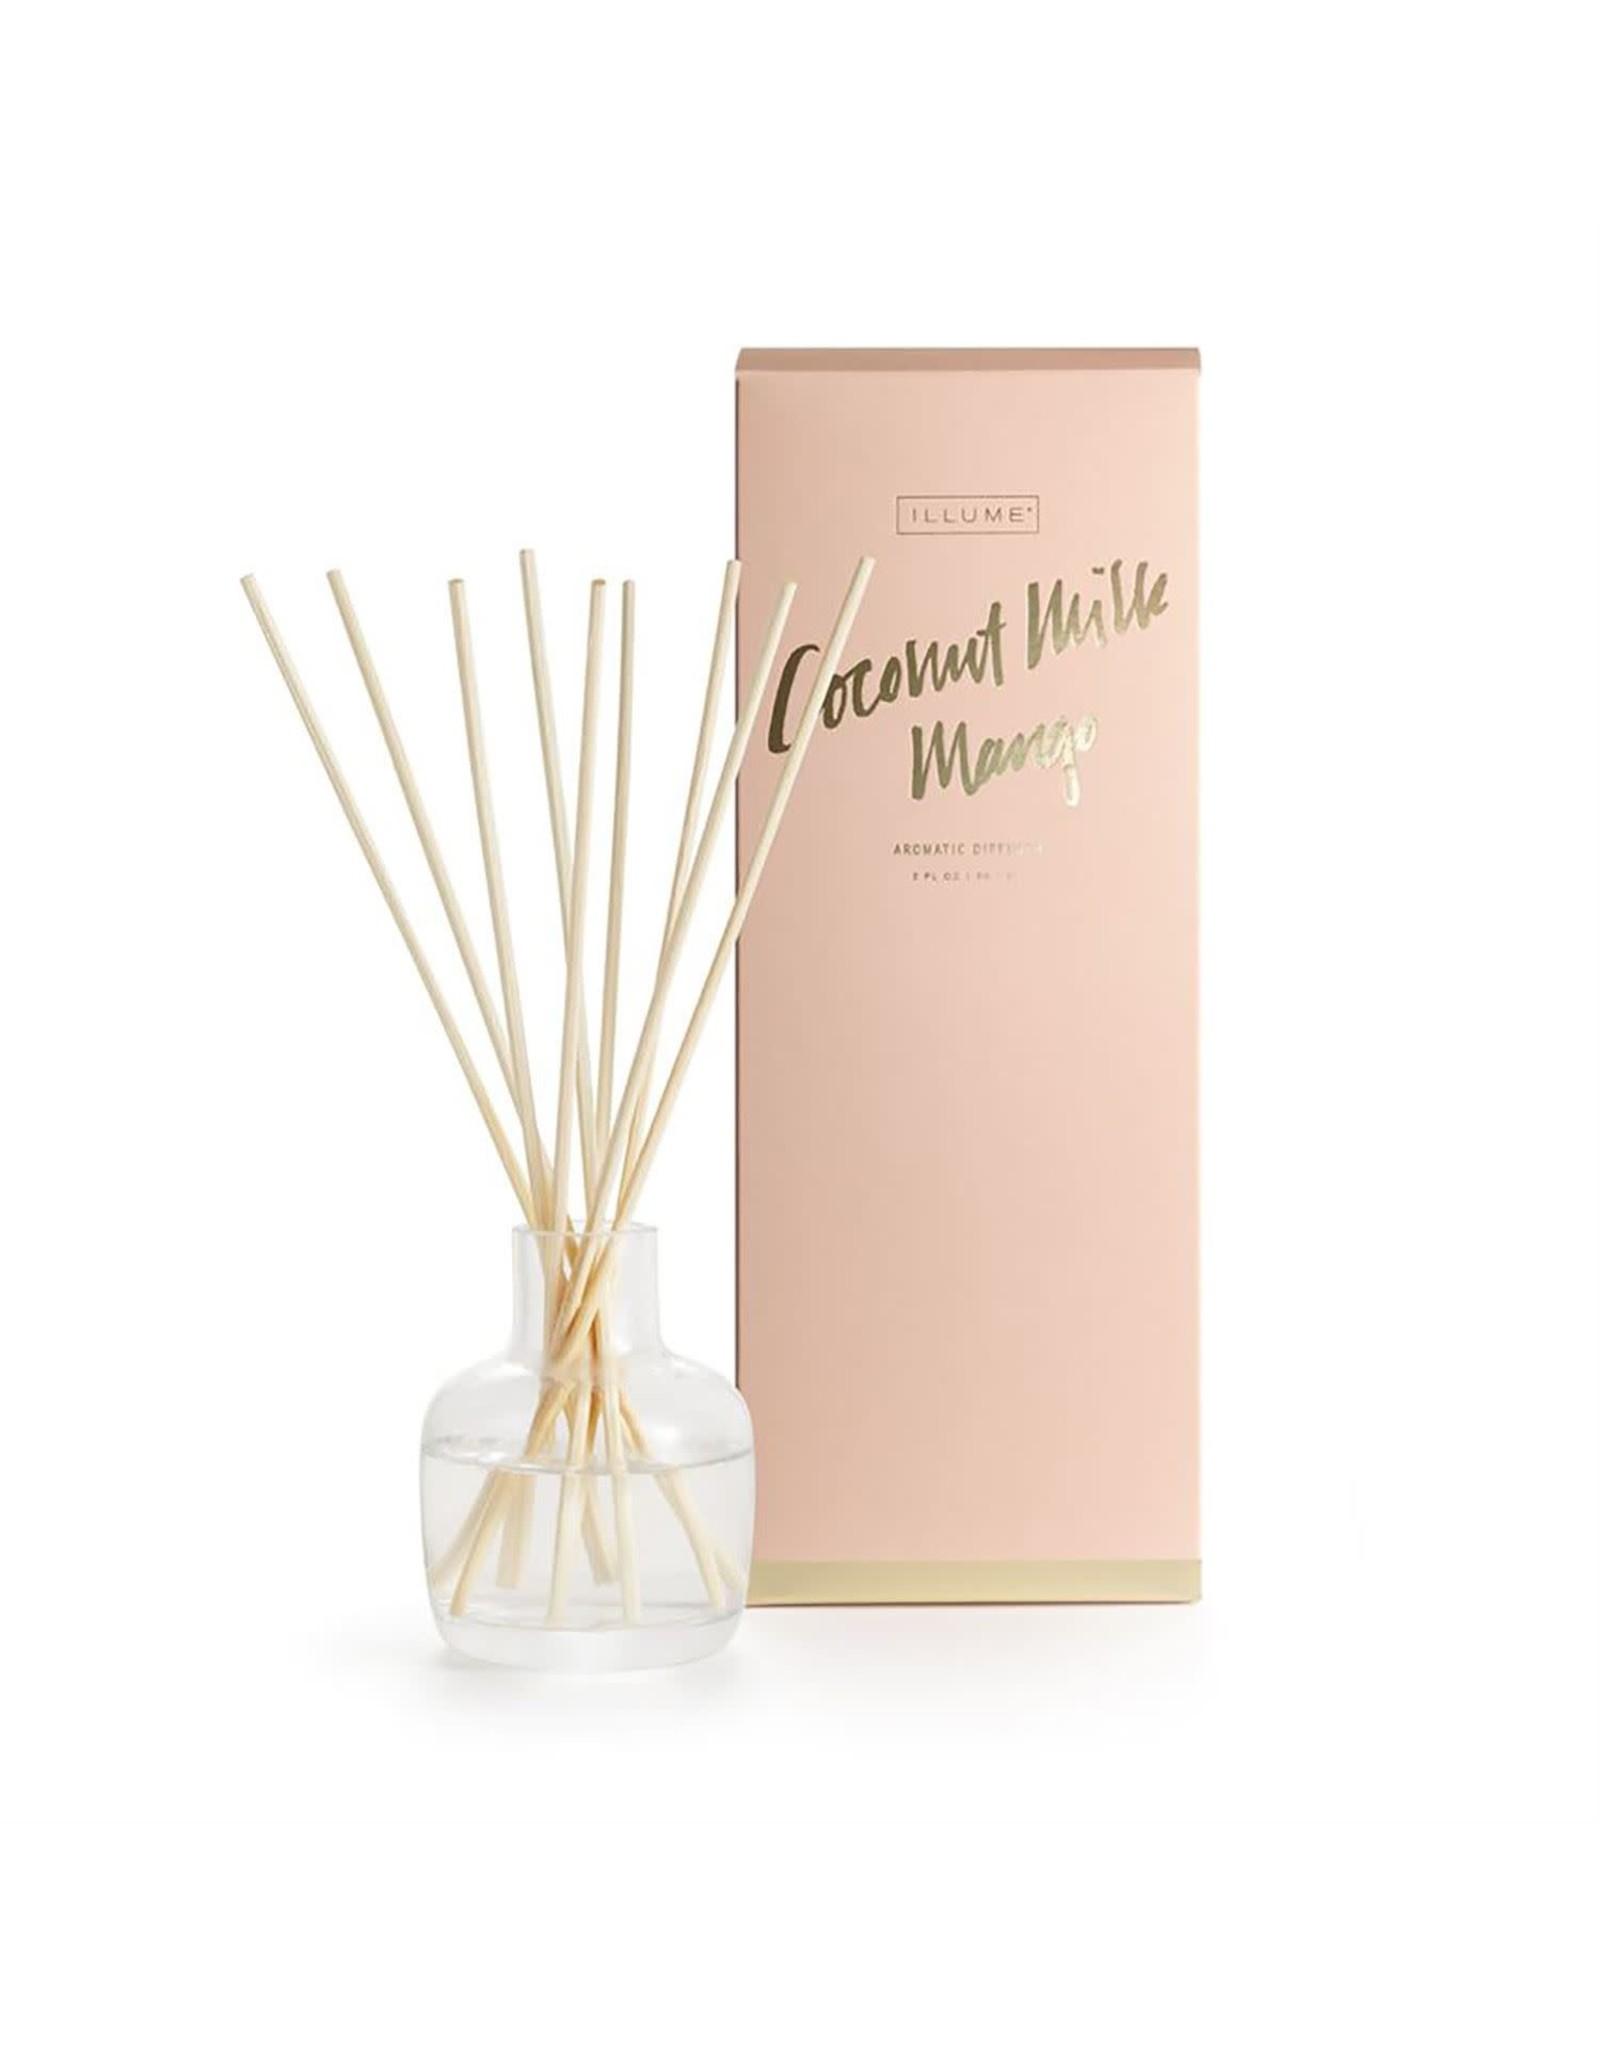 Illume Aromatic Diffuser - Coconut Milk Mango